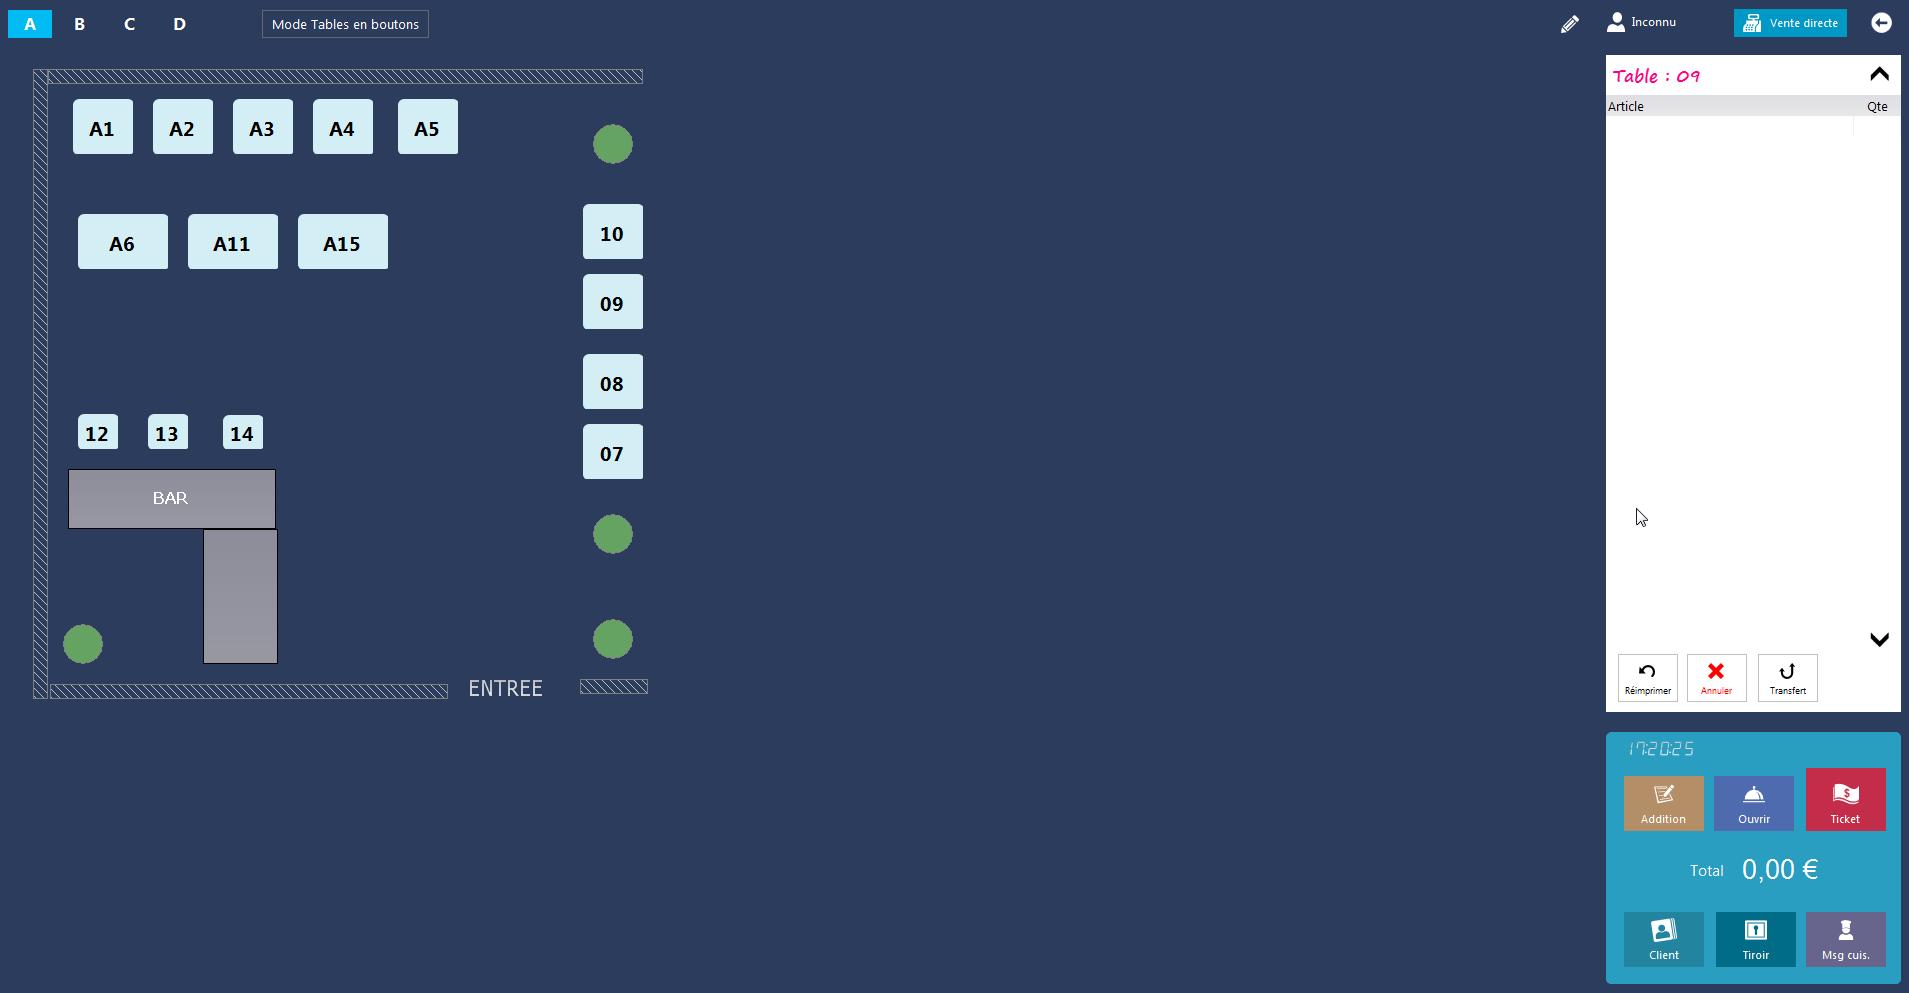 Interface restobar